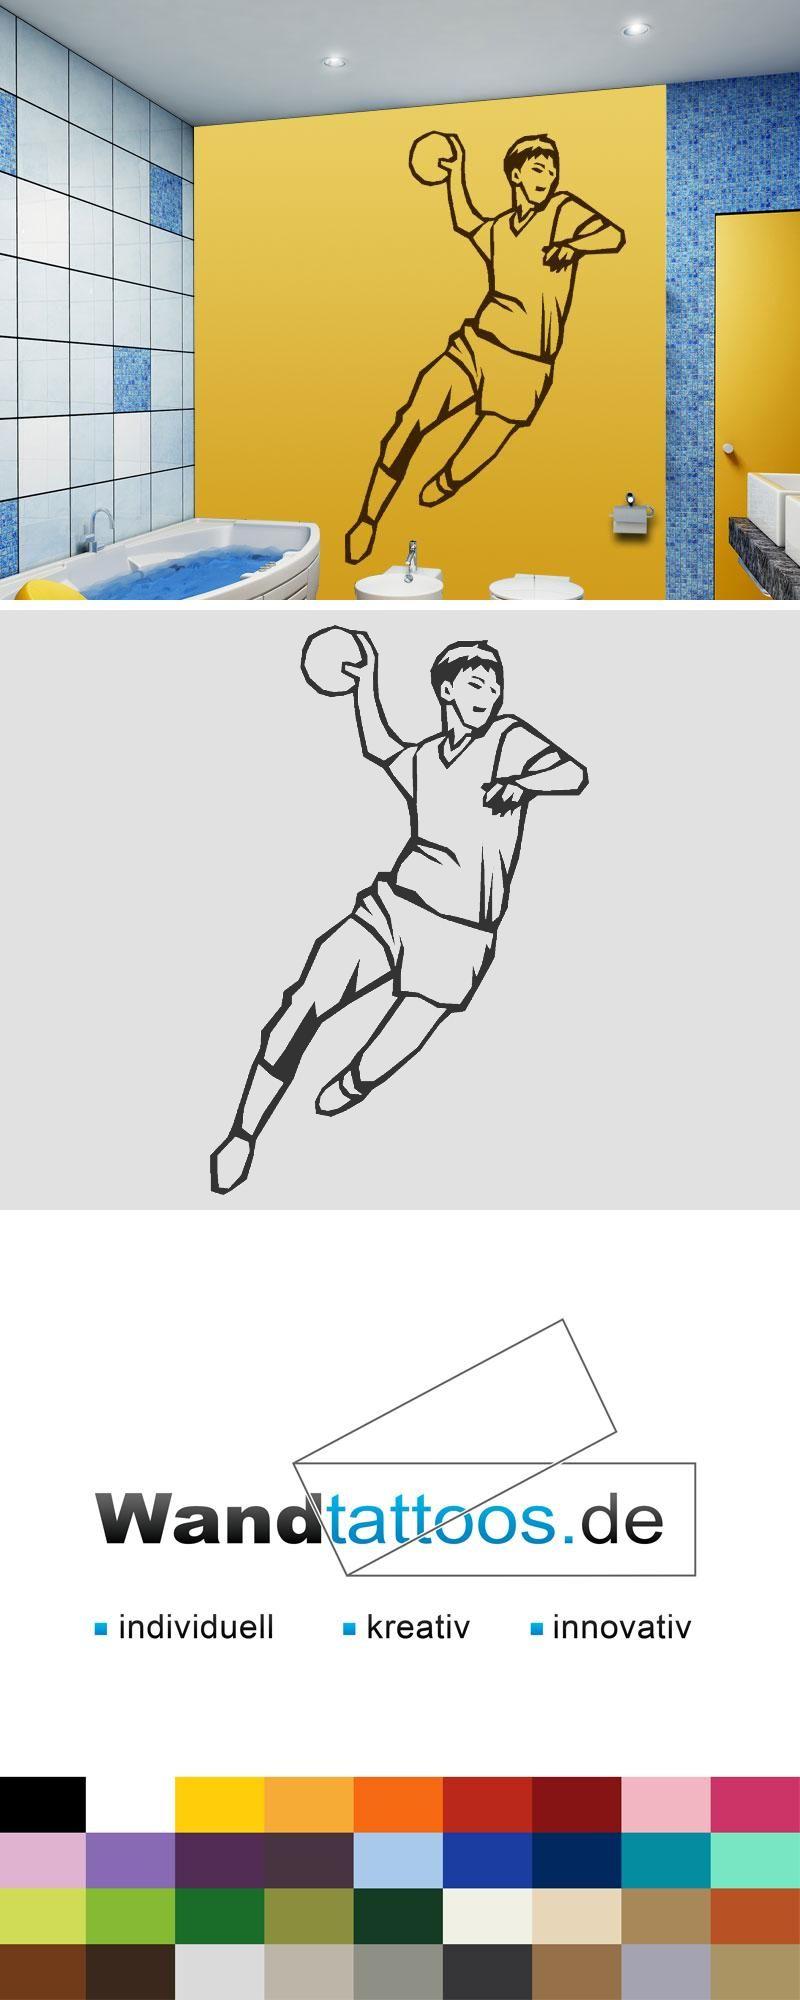 Beeindruckend Wandtattoo Basketball Beste Wahl Handball Spieler Als Idee Zur Individuellen Wandgestaltung.